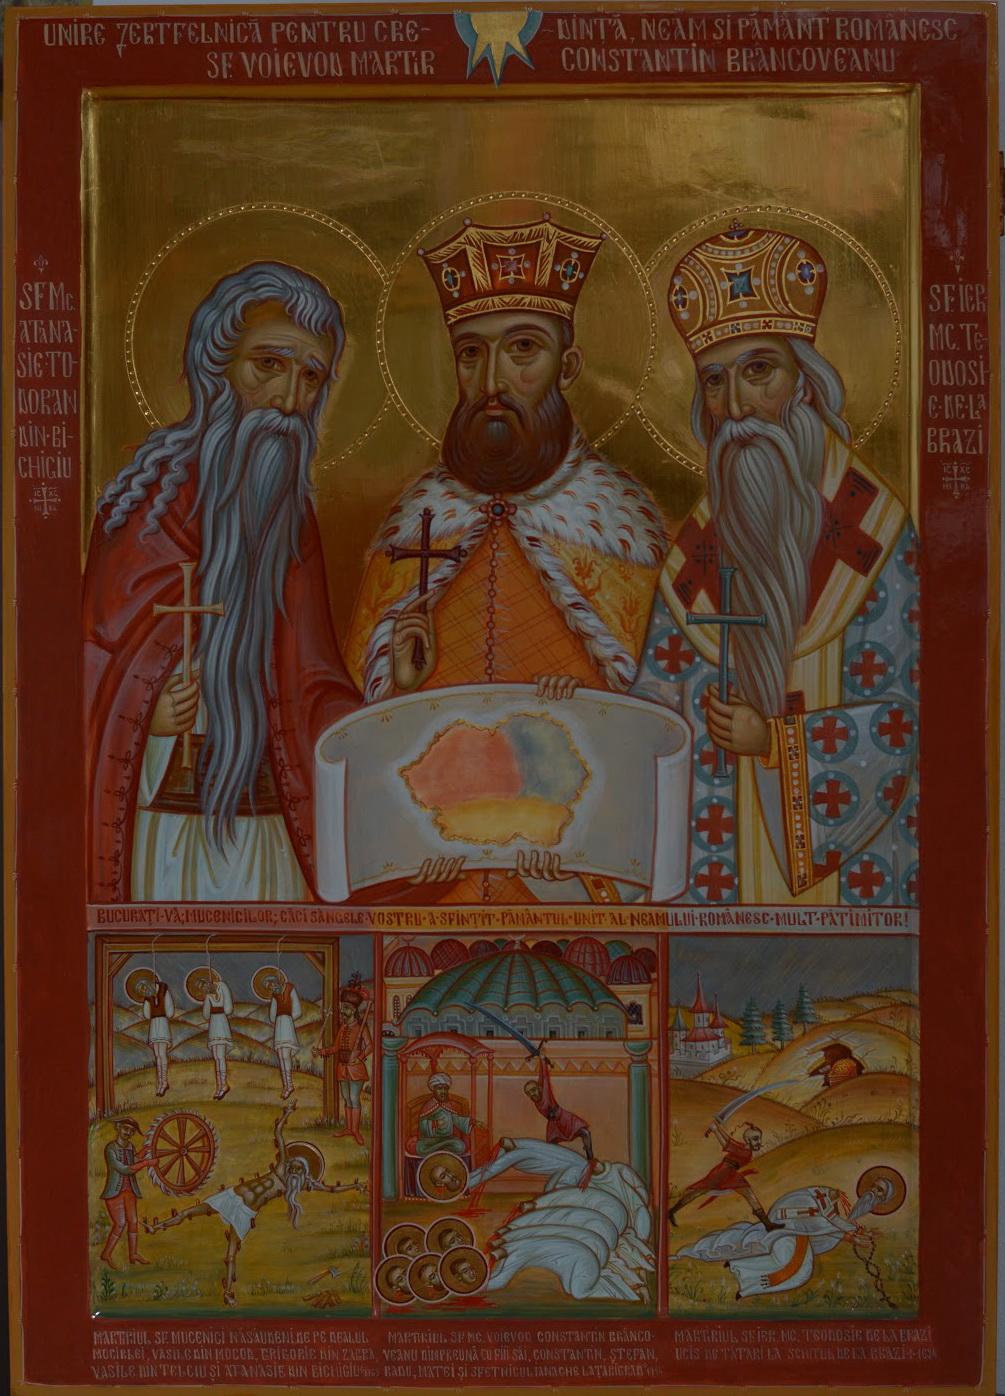 Unire Jertfelnică pentru Credință, Neam și Pământ Românesc